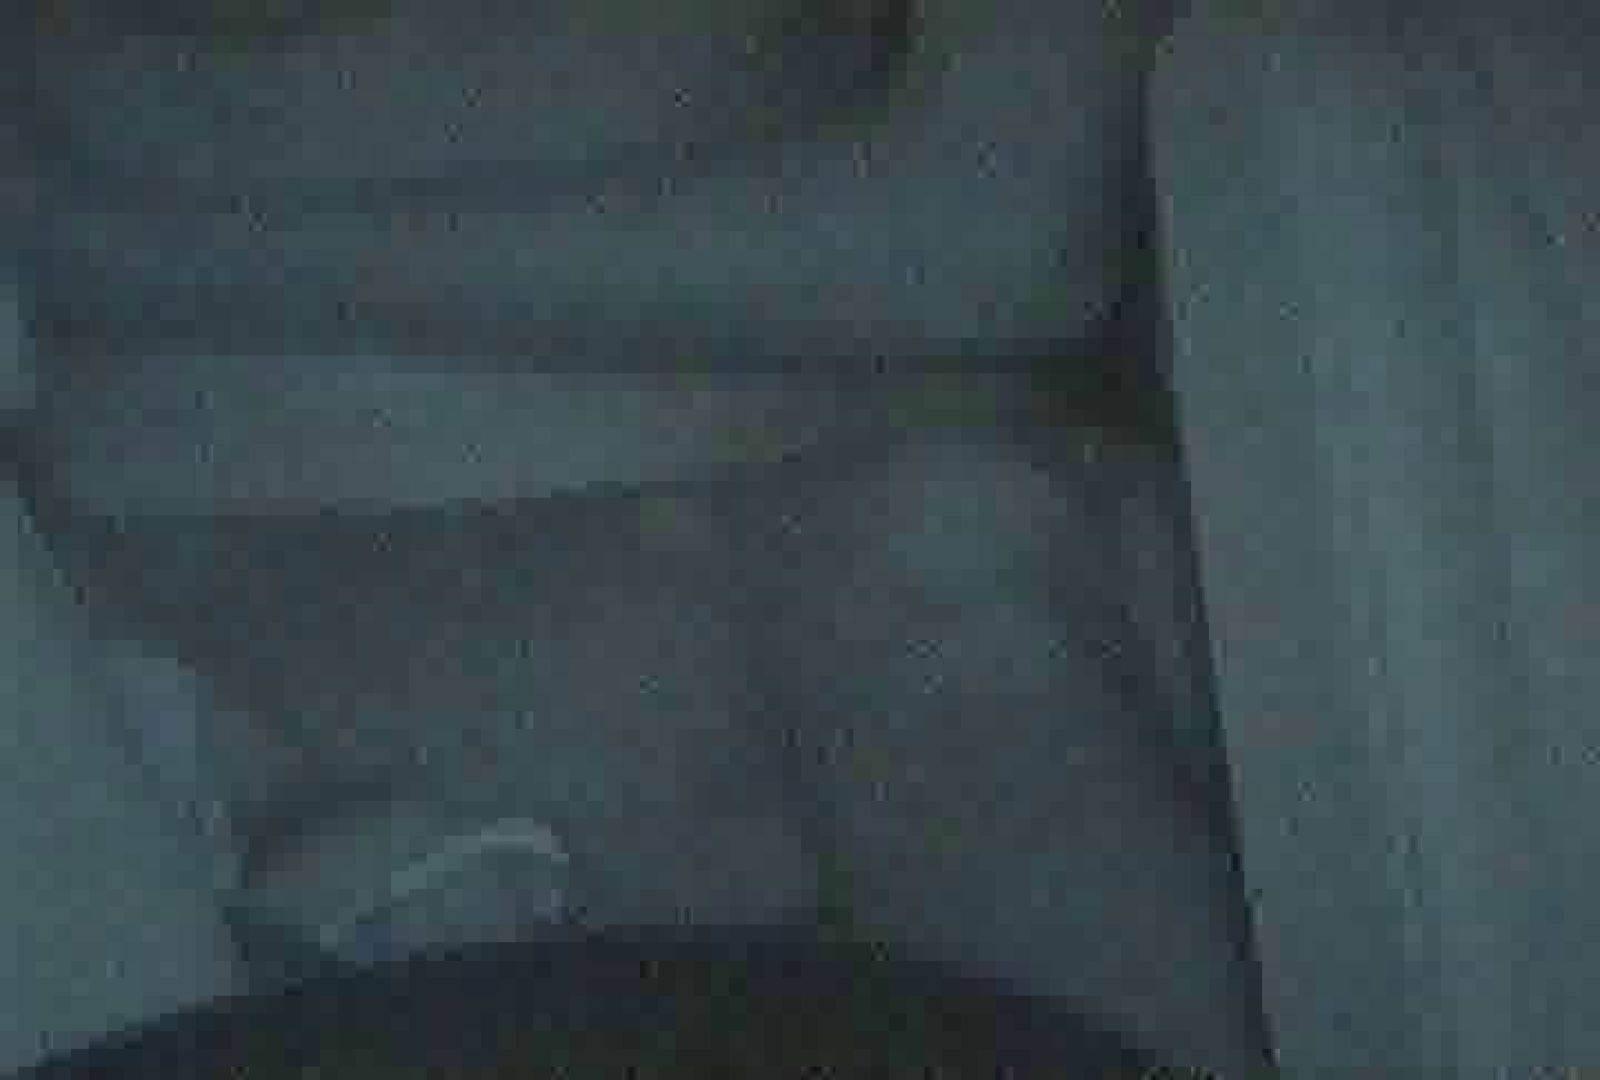 充血監督の深夜の運動会Vol.74 S級美女ギャル オマンコ動画キャプチャ 98画像 98